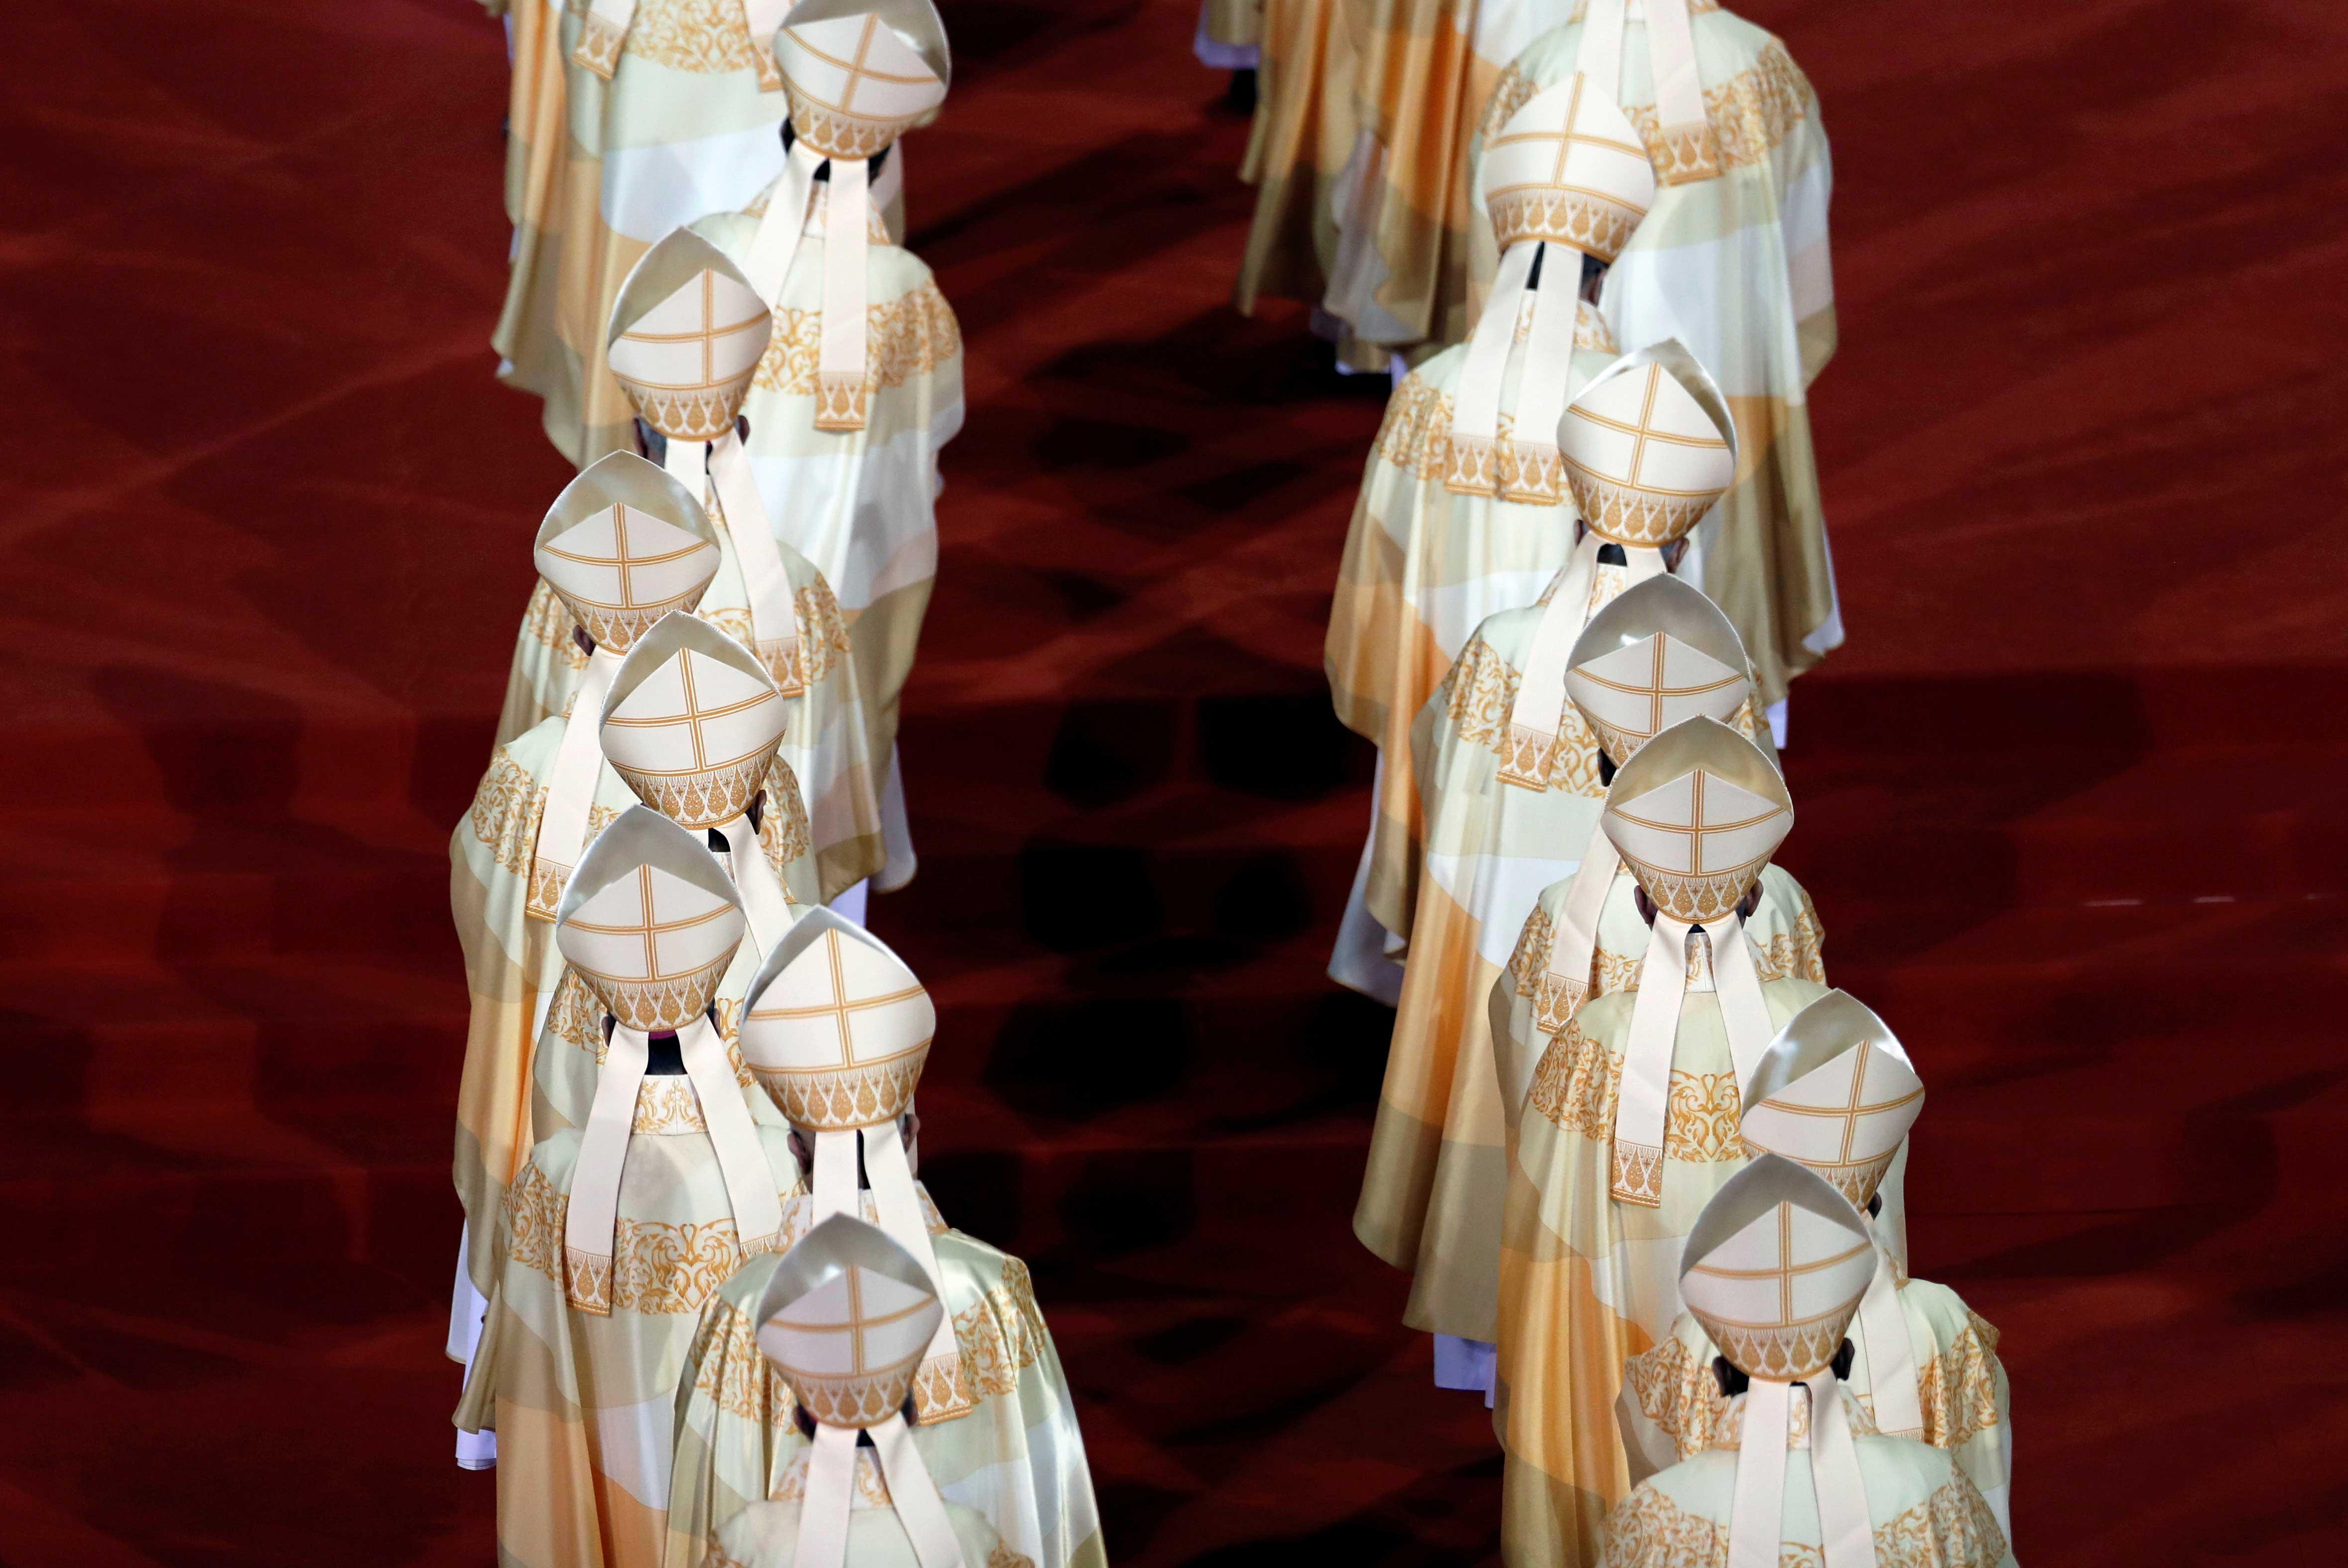 Tailandia tiene alrededor de 300.000 monjes en 40.000 templos. Evangelizados por misioneros jesuitas a mediados del siglo XVI, los 400.000 católicos son ultra minoritarios. (REUTERS)